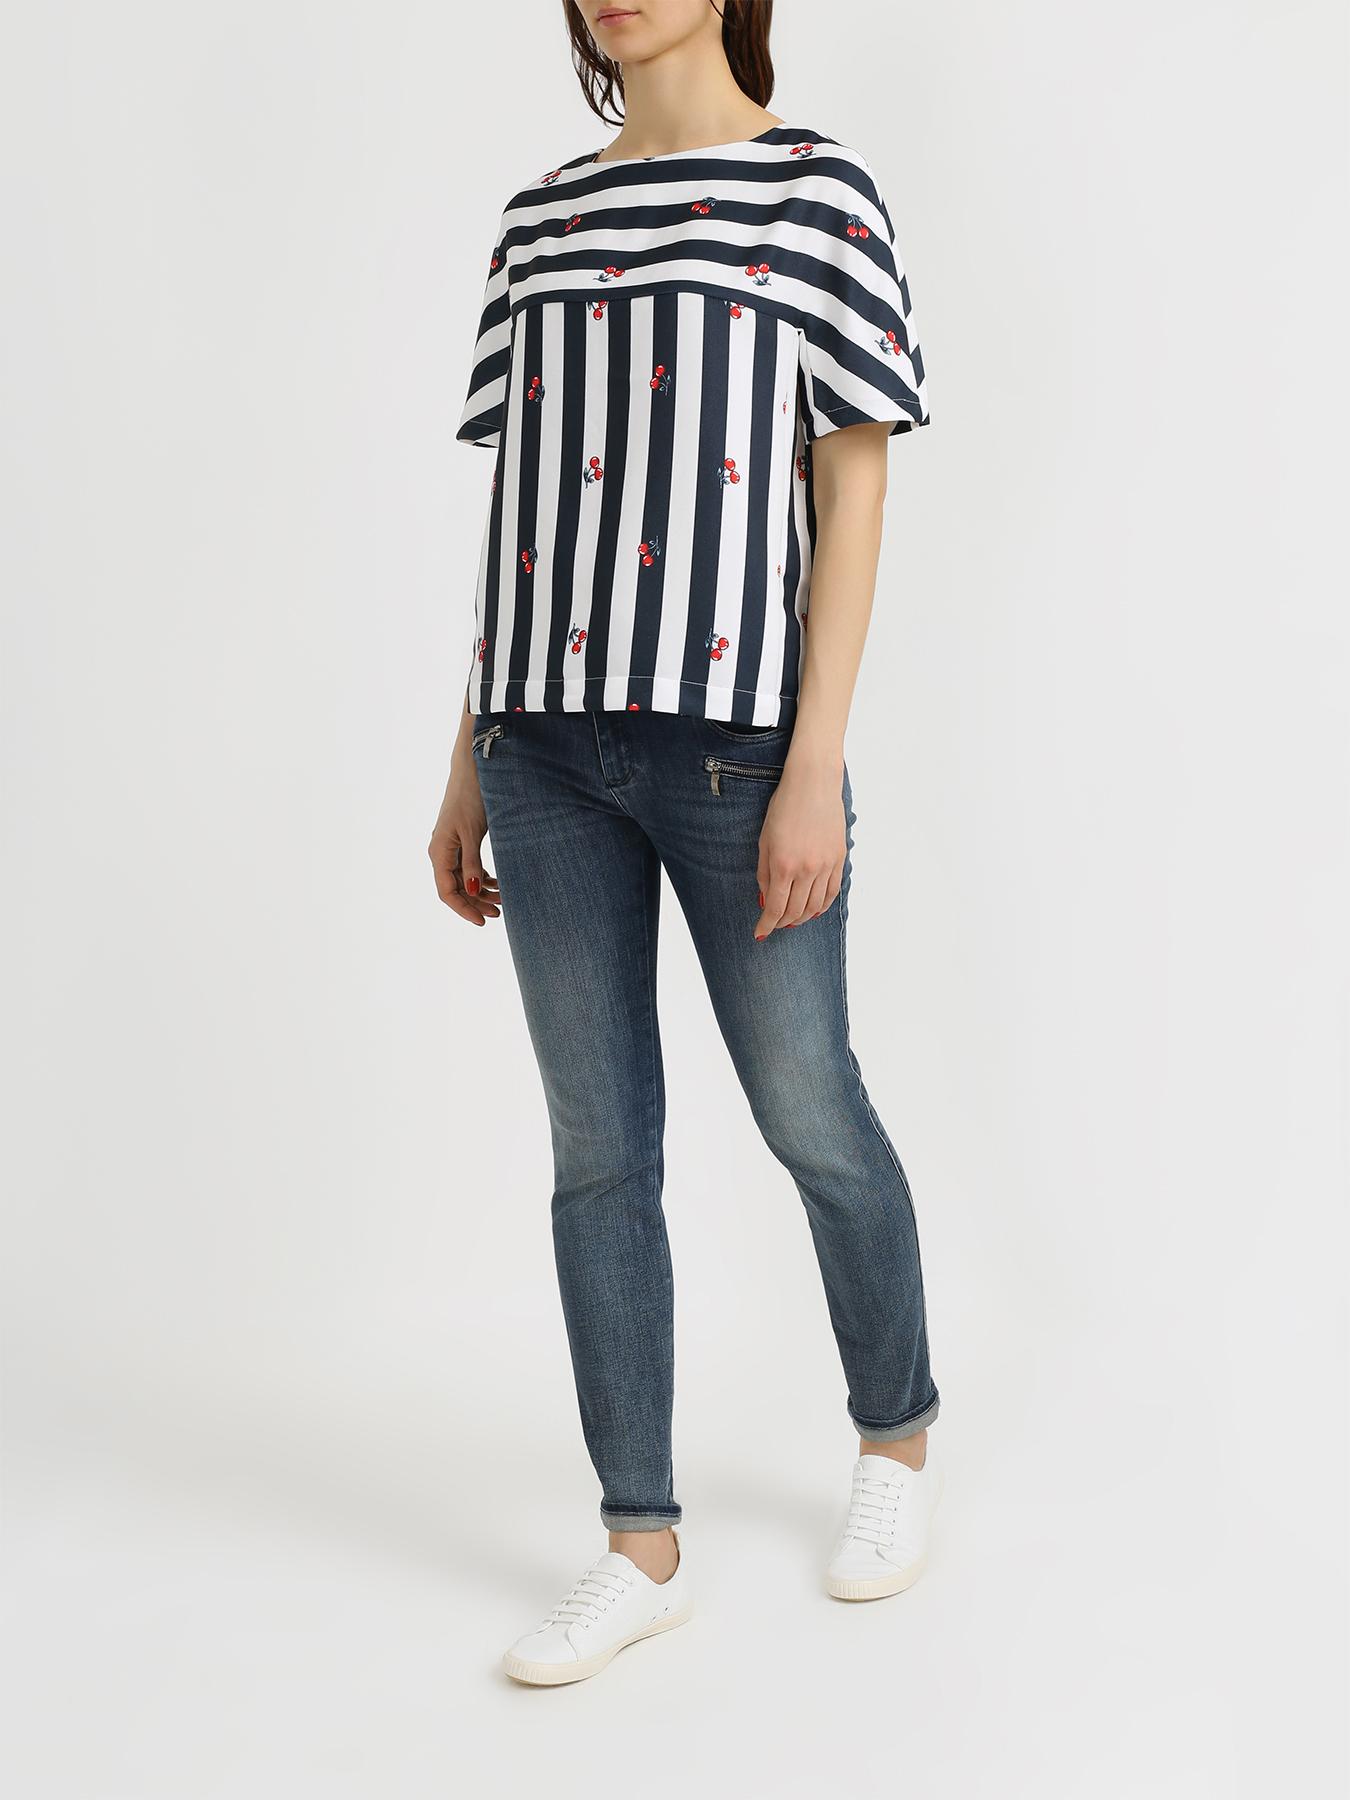 Блузка 6 P.M. Блузка с полосками шар матовый серебряный с черными полосками 6 см 6 шт